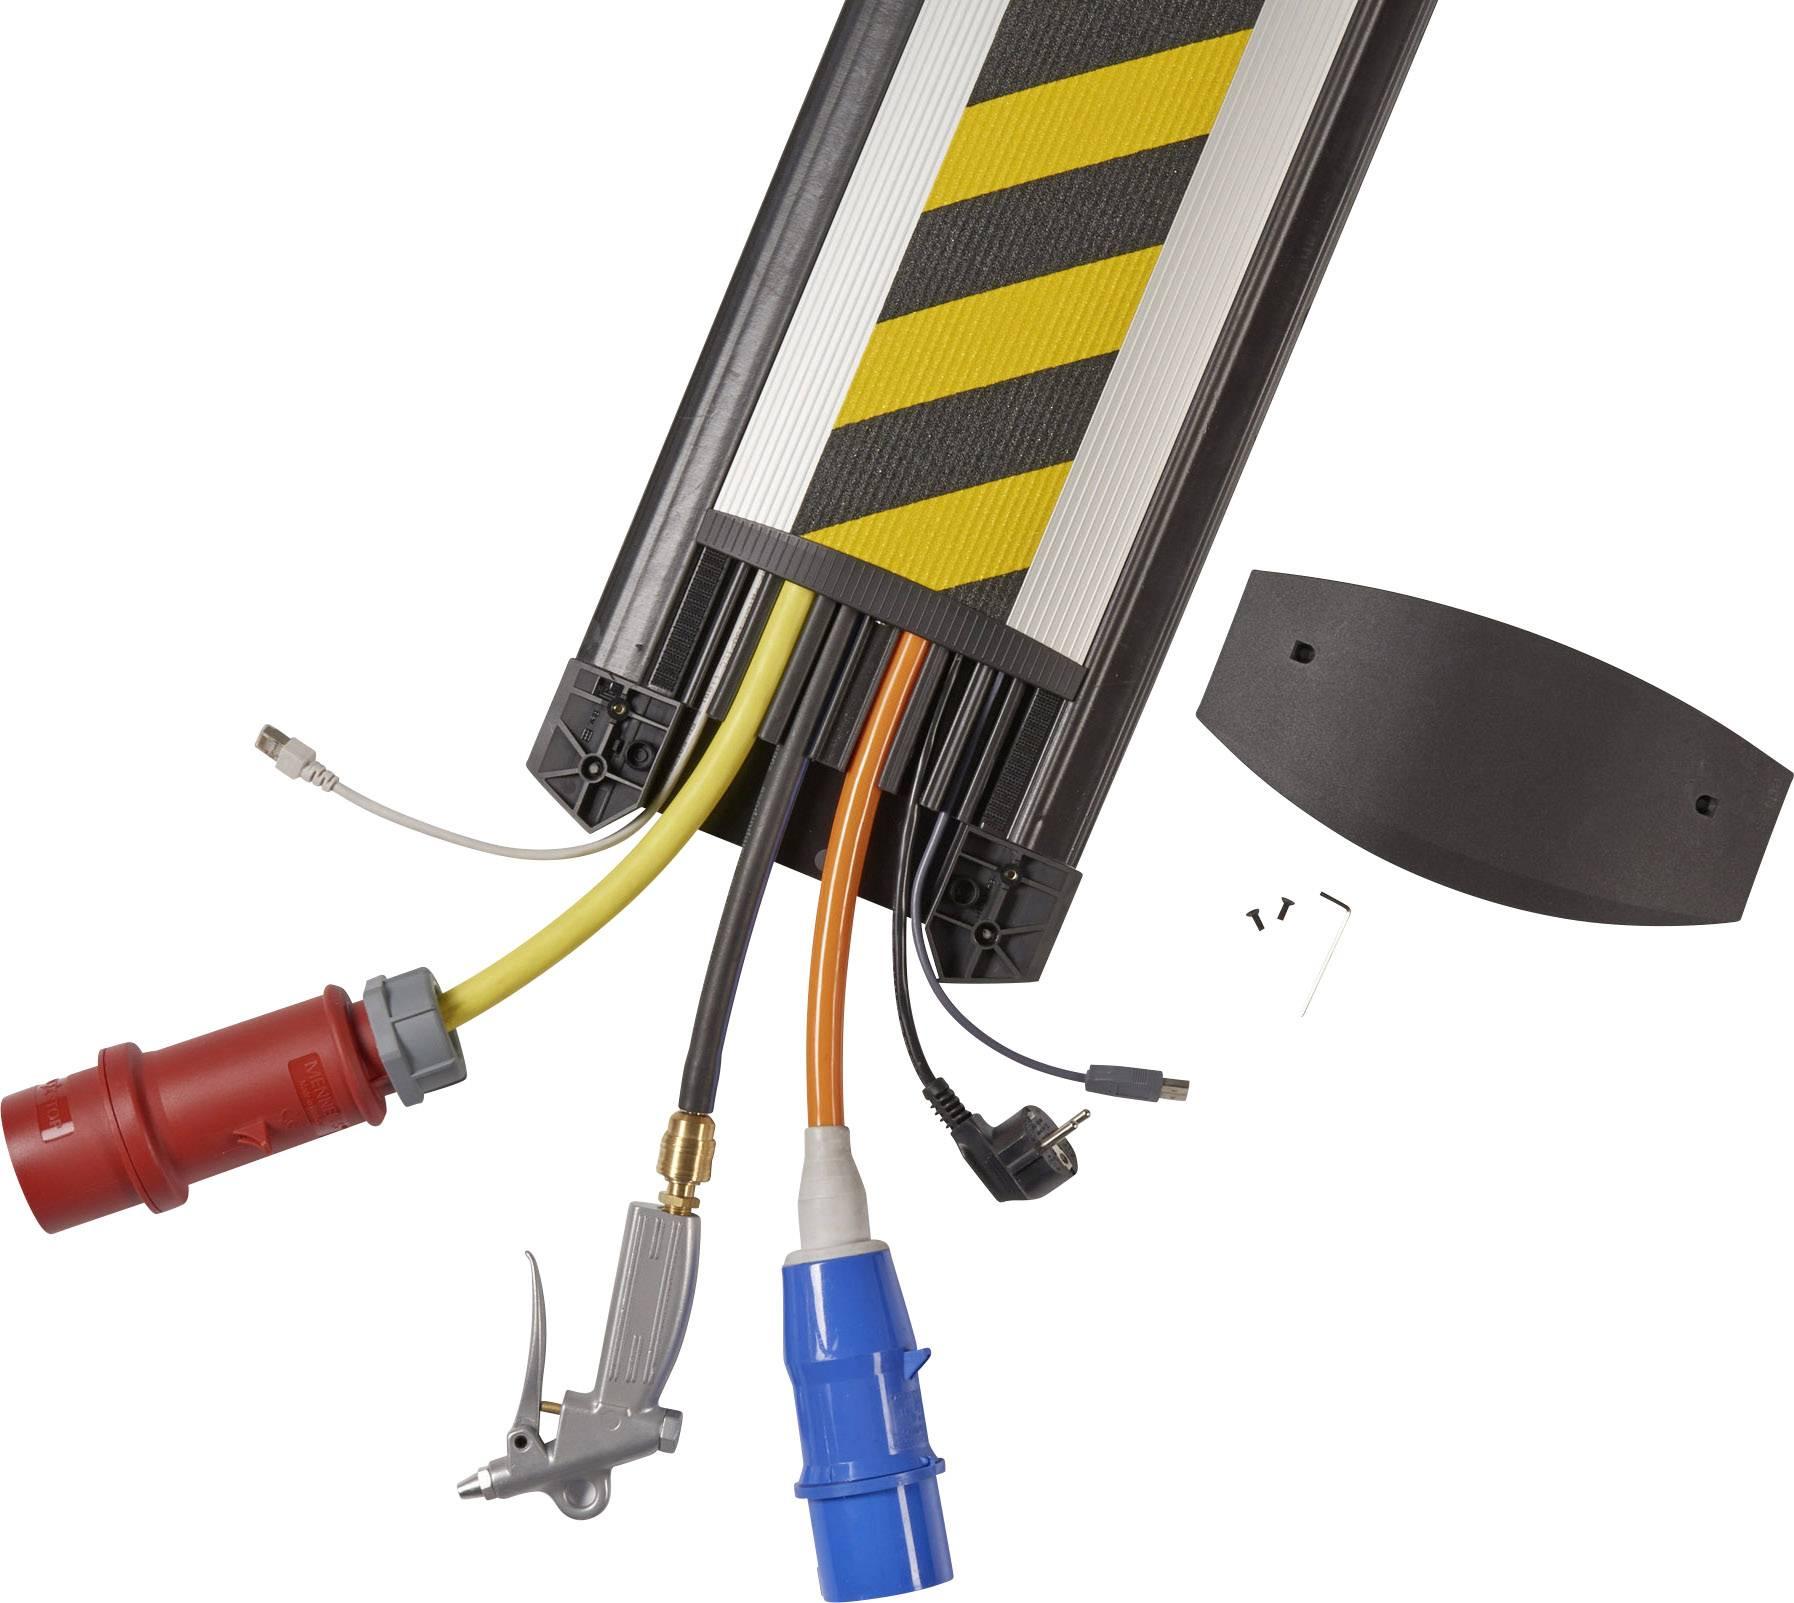 Kabelový můstek Serpa B25, (d x š x v) 1500 x 250 x 24 mm, černá, žlutá, 1 ks